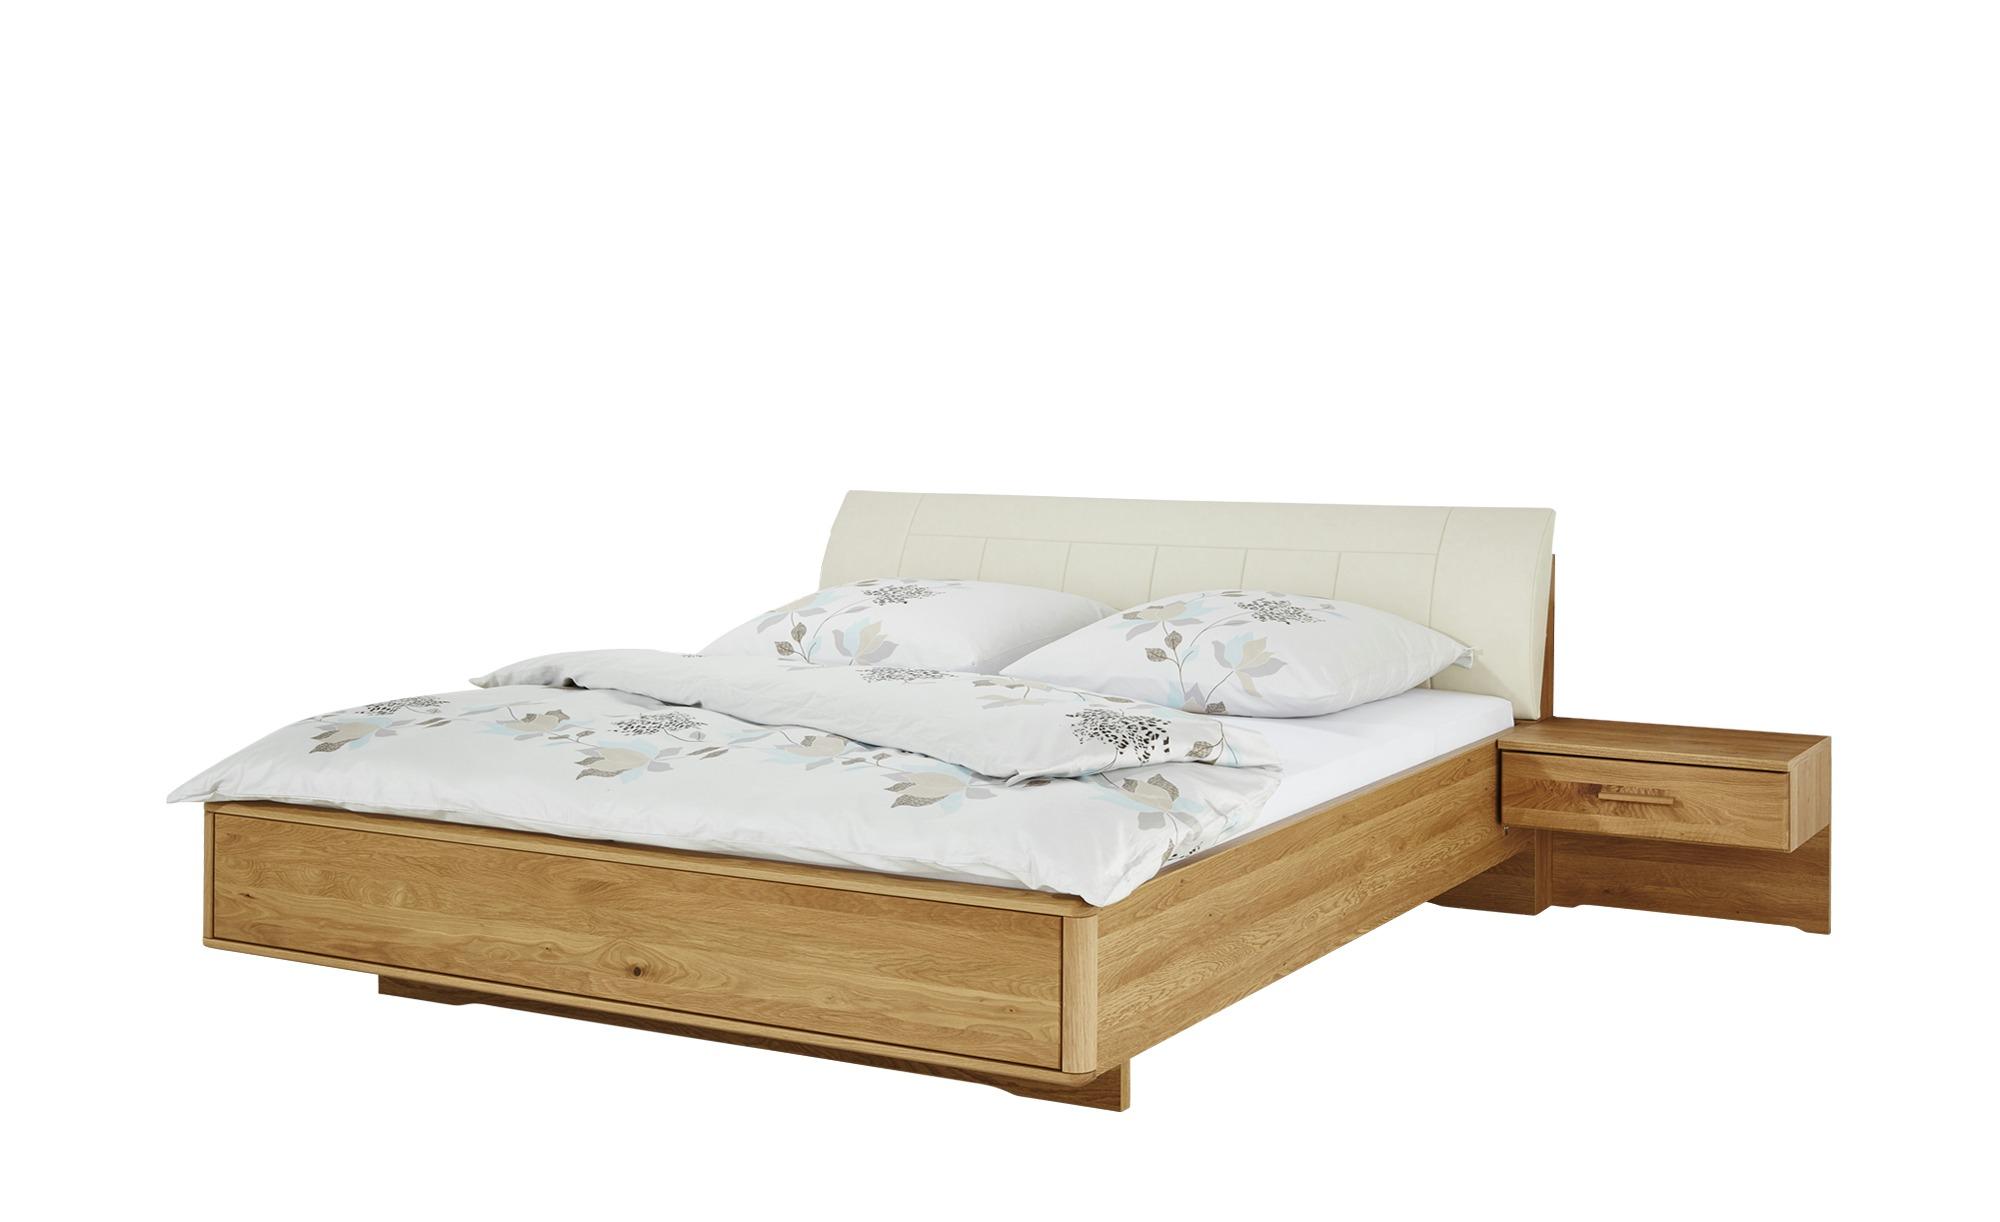 Woodford Bettanlage 180x200 Creme Eiche Kyran Holzfarben Masse Cm B 189 H 91 Betten Futonbetten Hoffner Bett Holzfarben Mobel Landhausstil